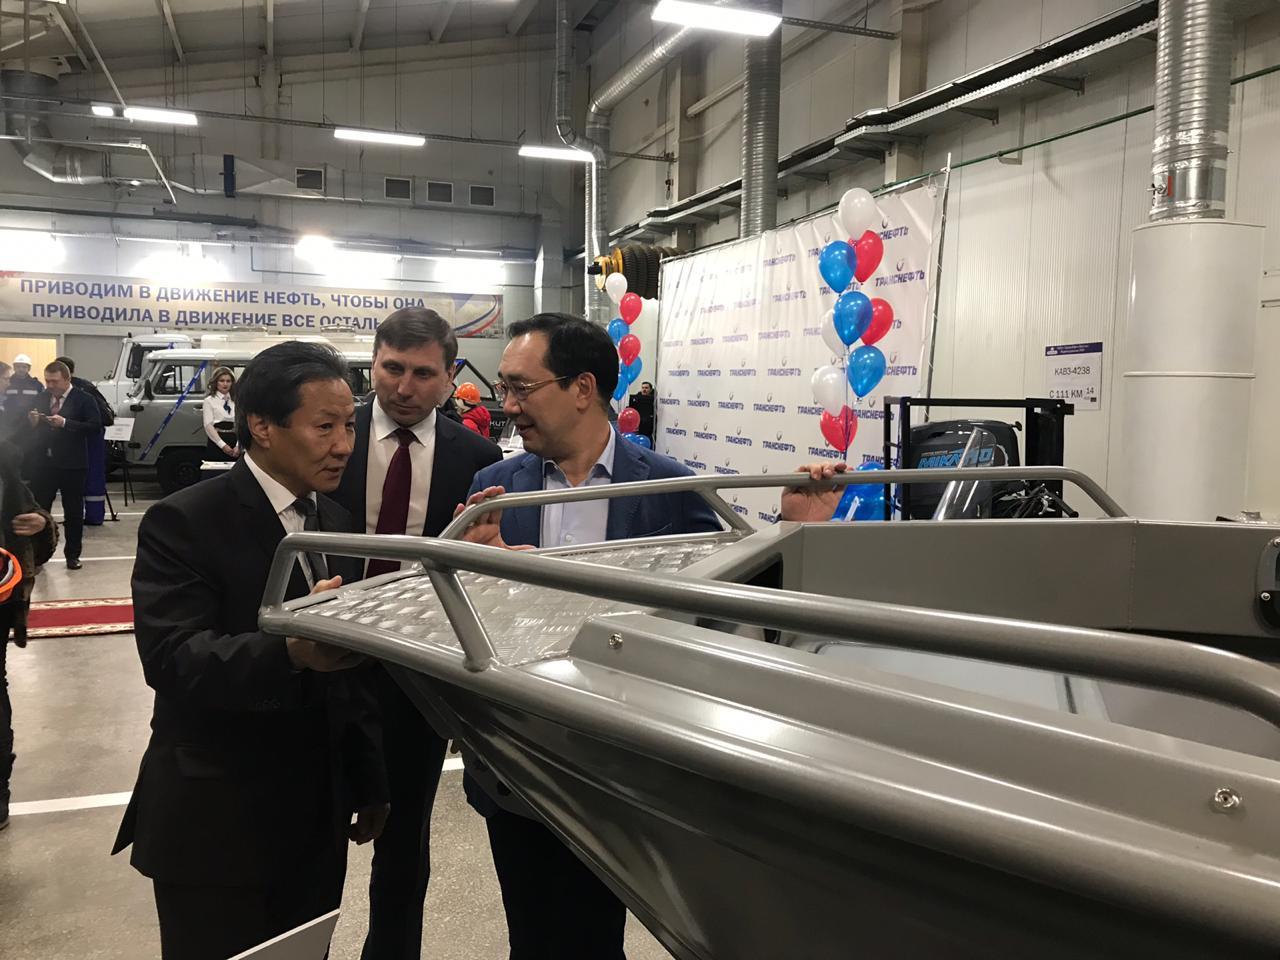 Глава Якутии высоко оценил работу по трудоустройству местных кадров в промышленности